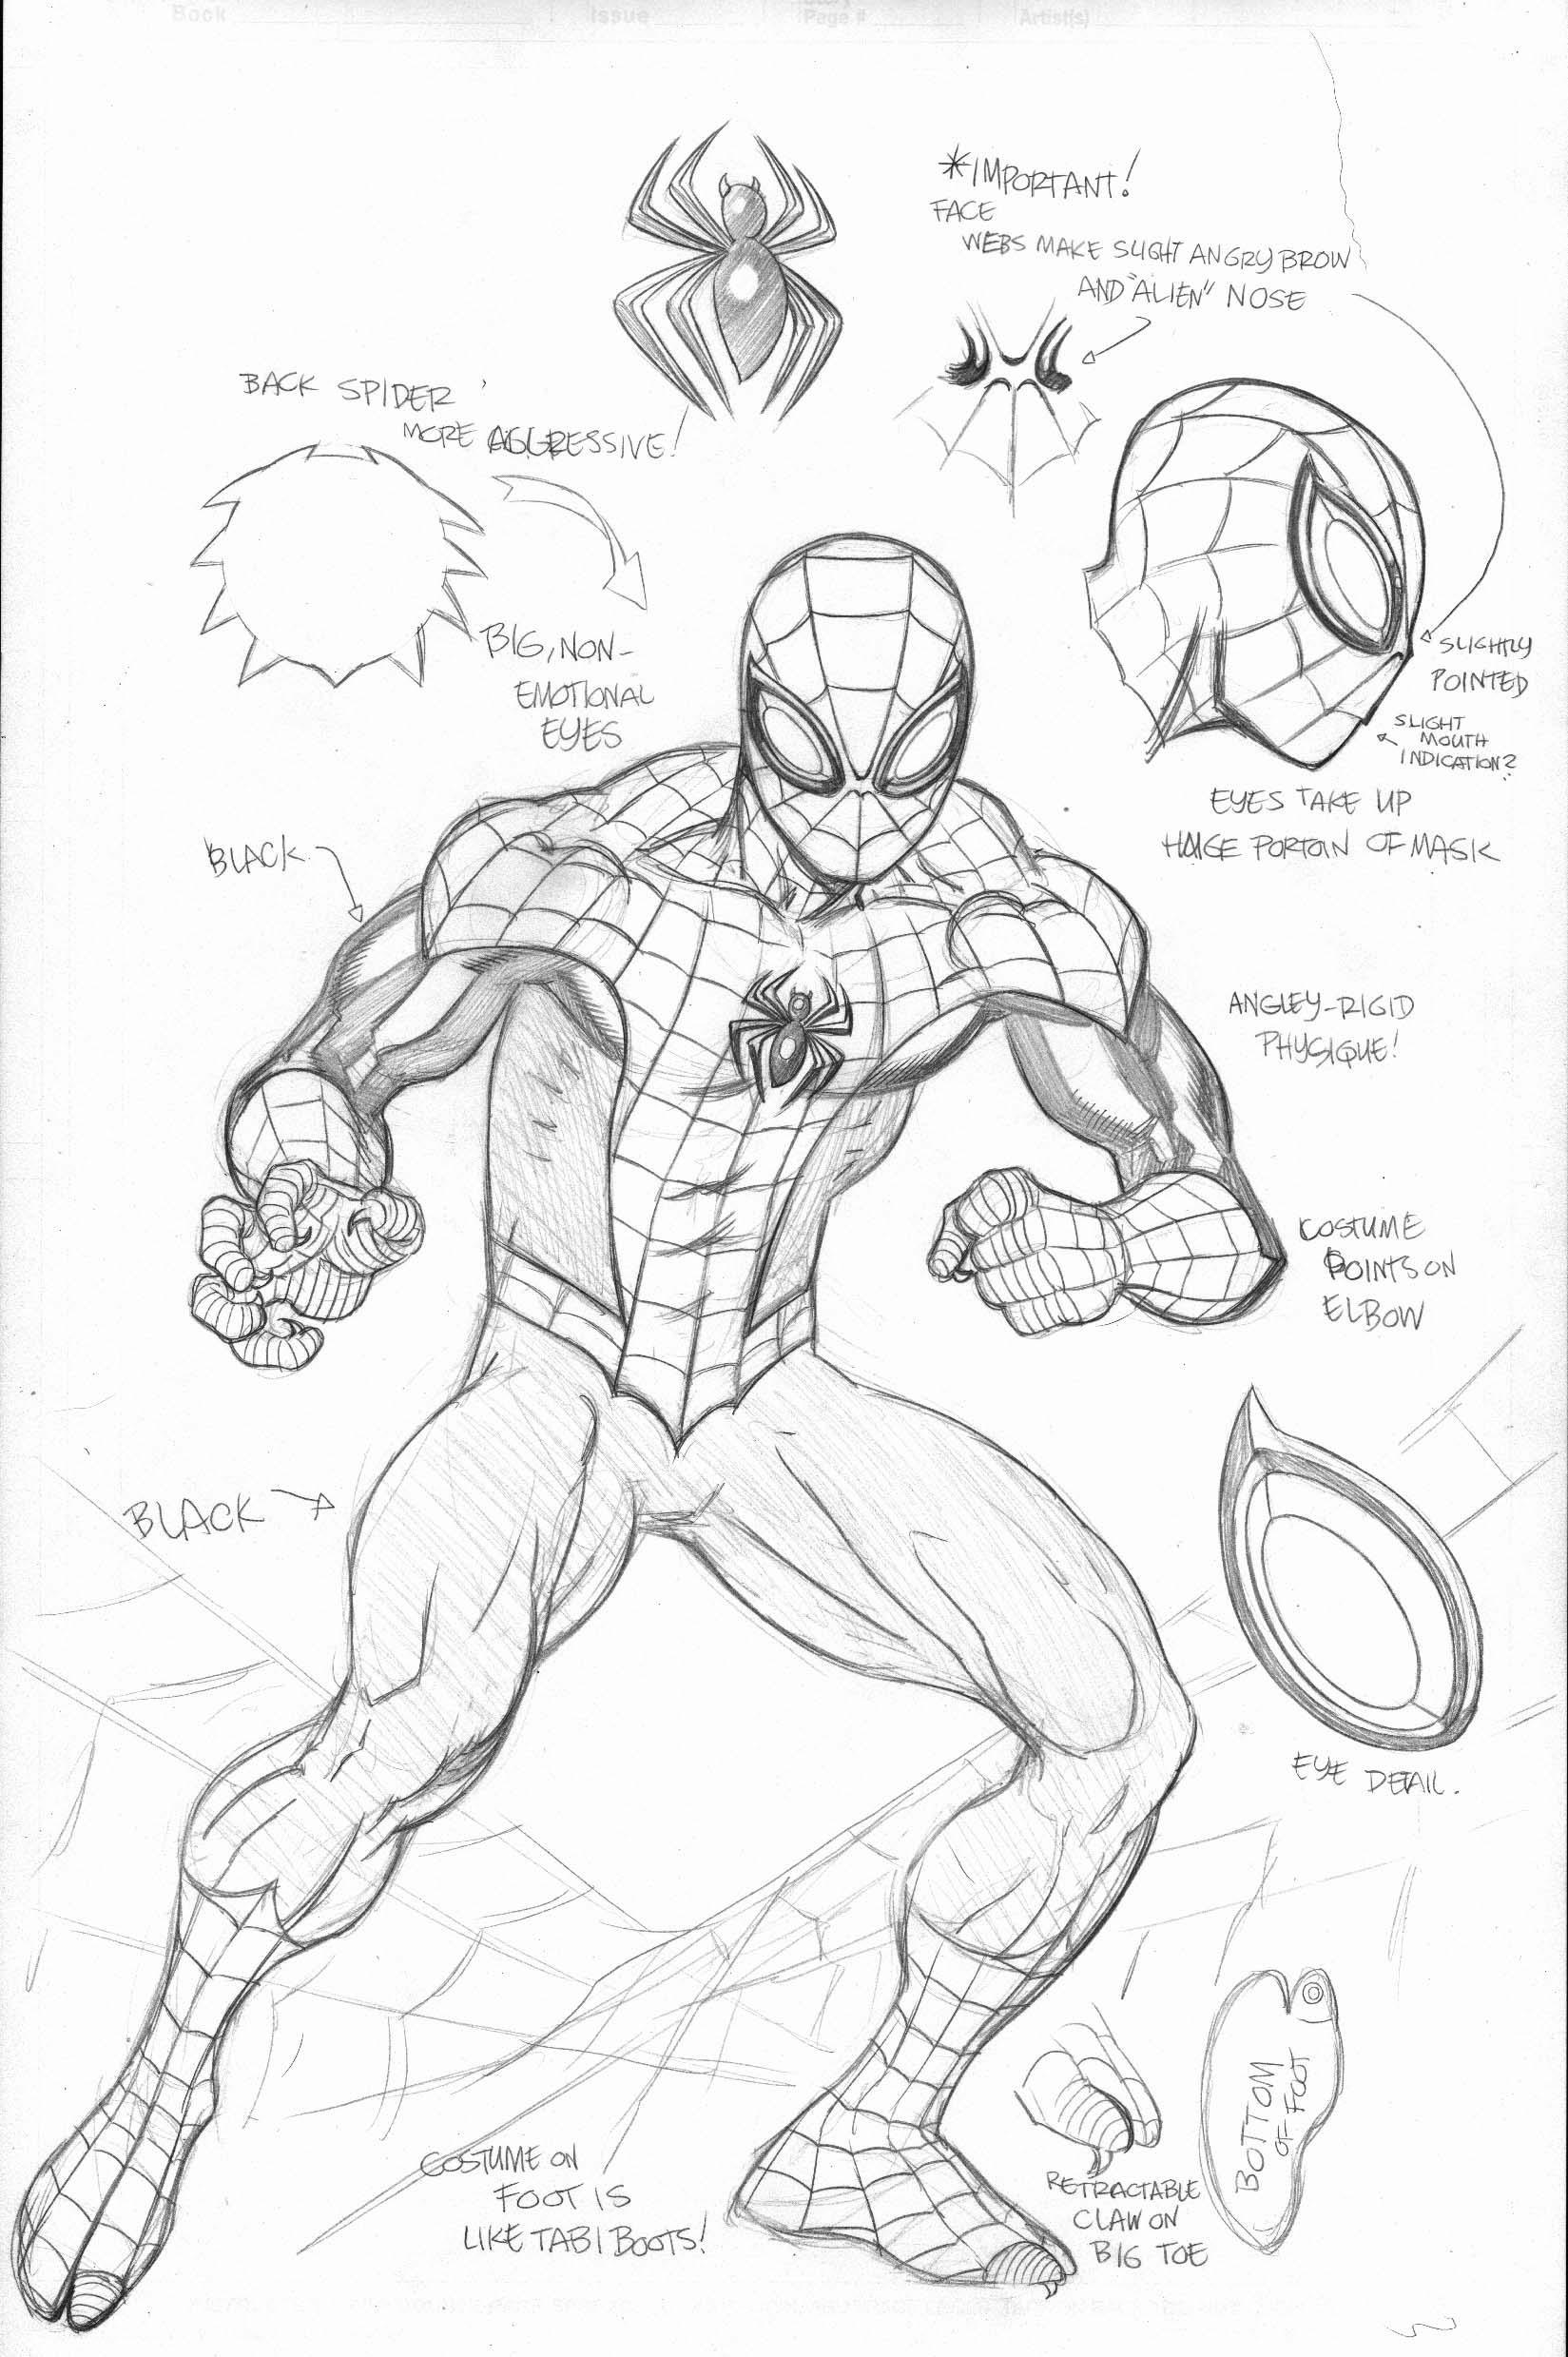 Superior spiderman : comment changer radicalement un personnage et conserver son lectorat #4